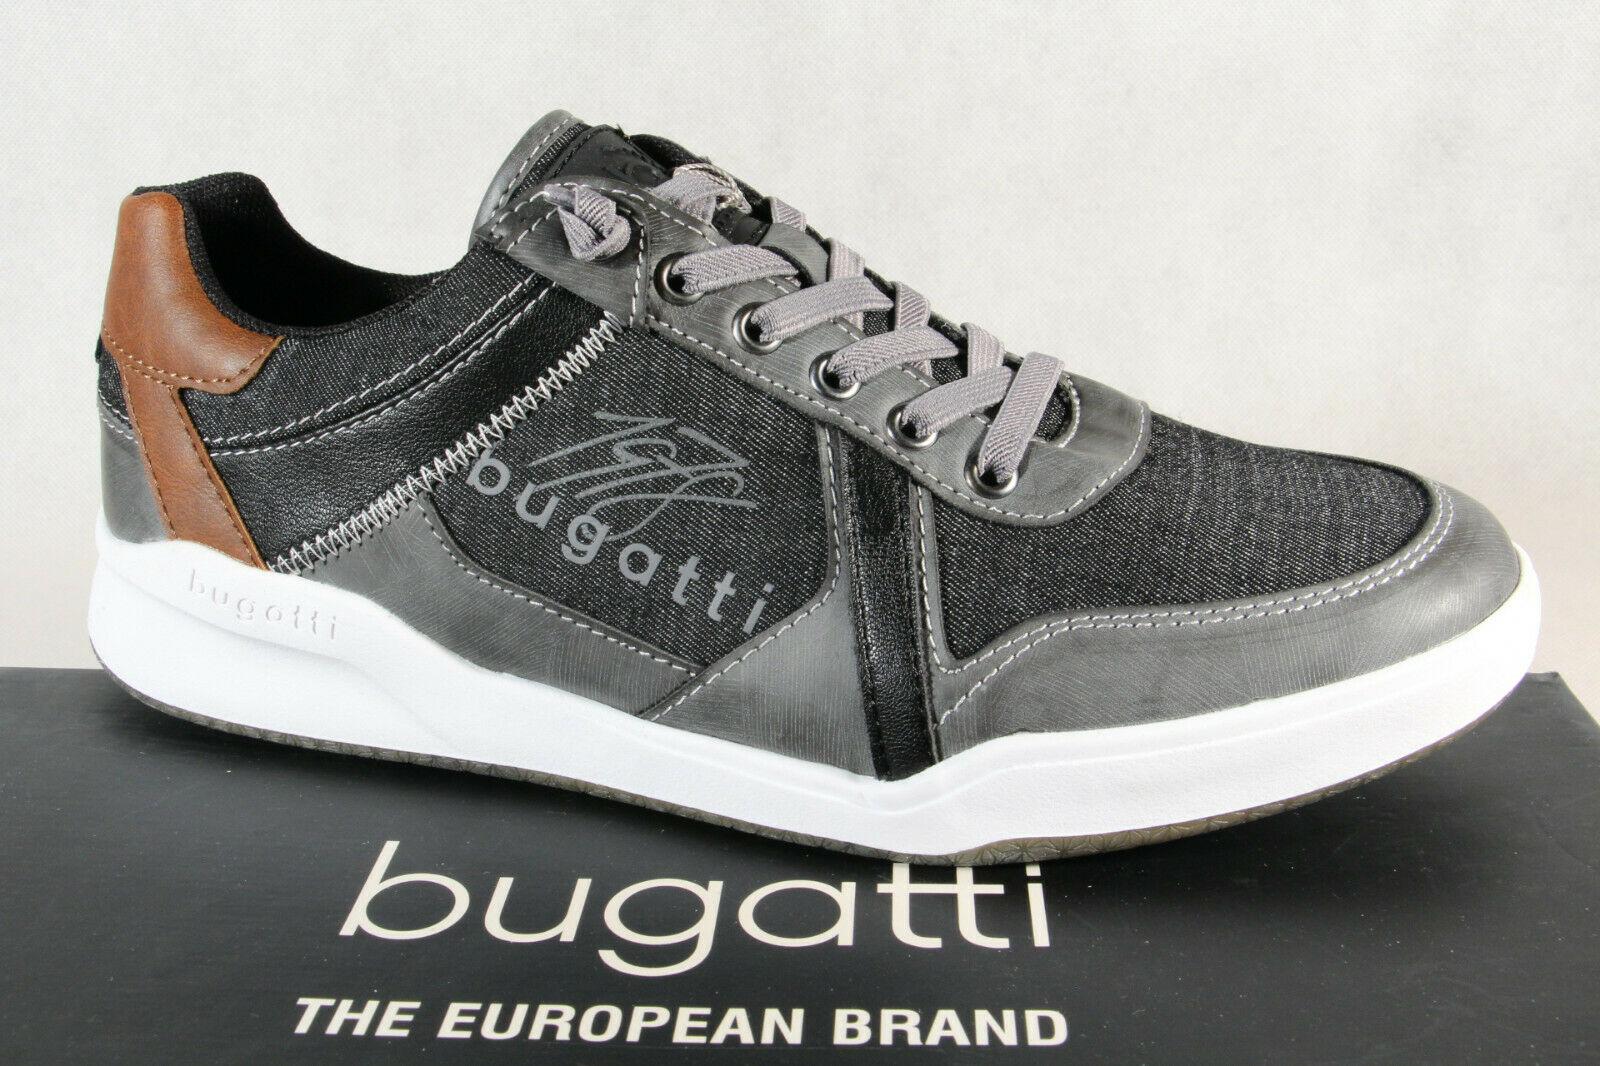 Bugatti Slipper Halbschuhe Turnschuhe Sportschuhe grau 65503 NEU